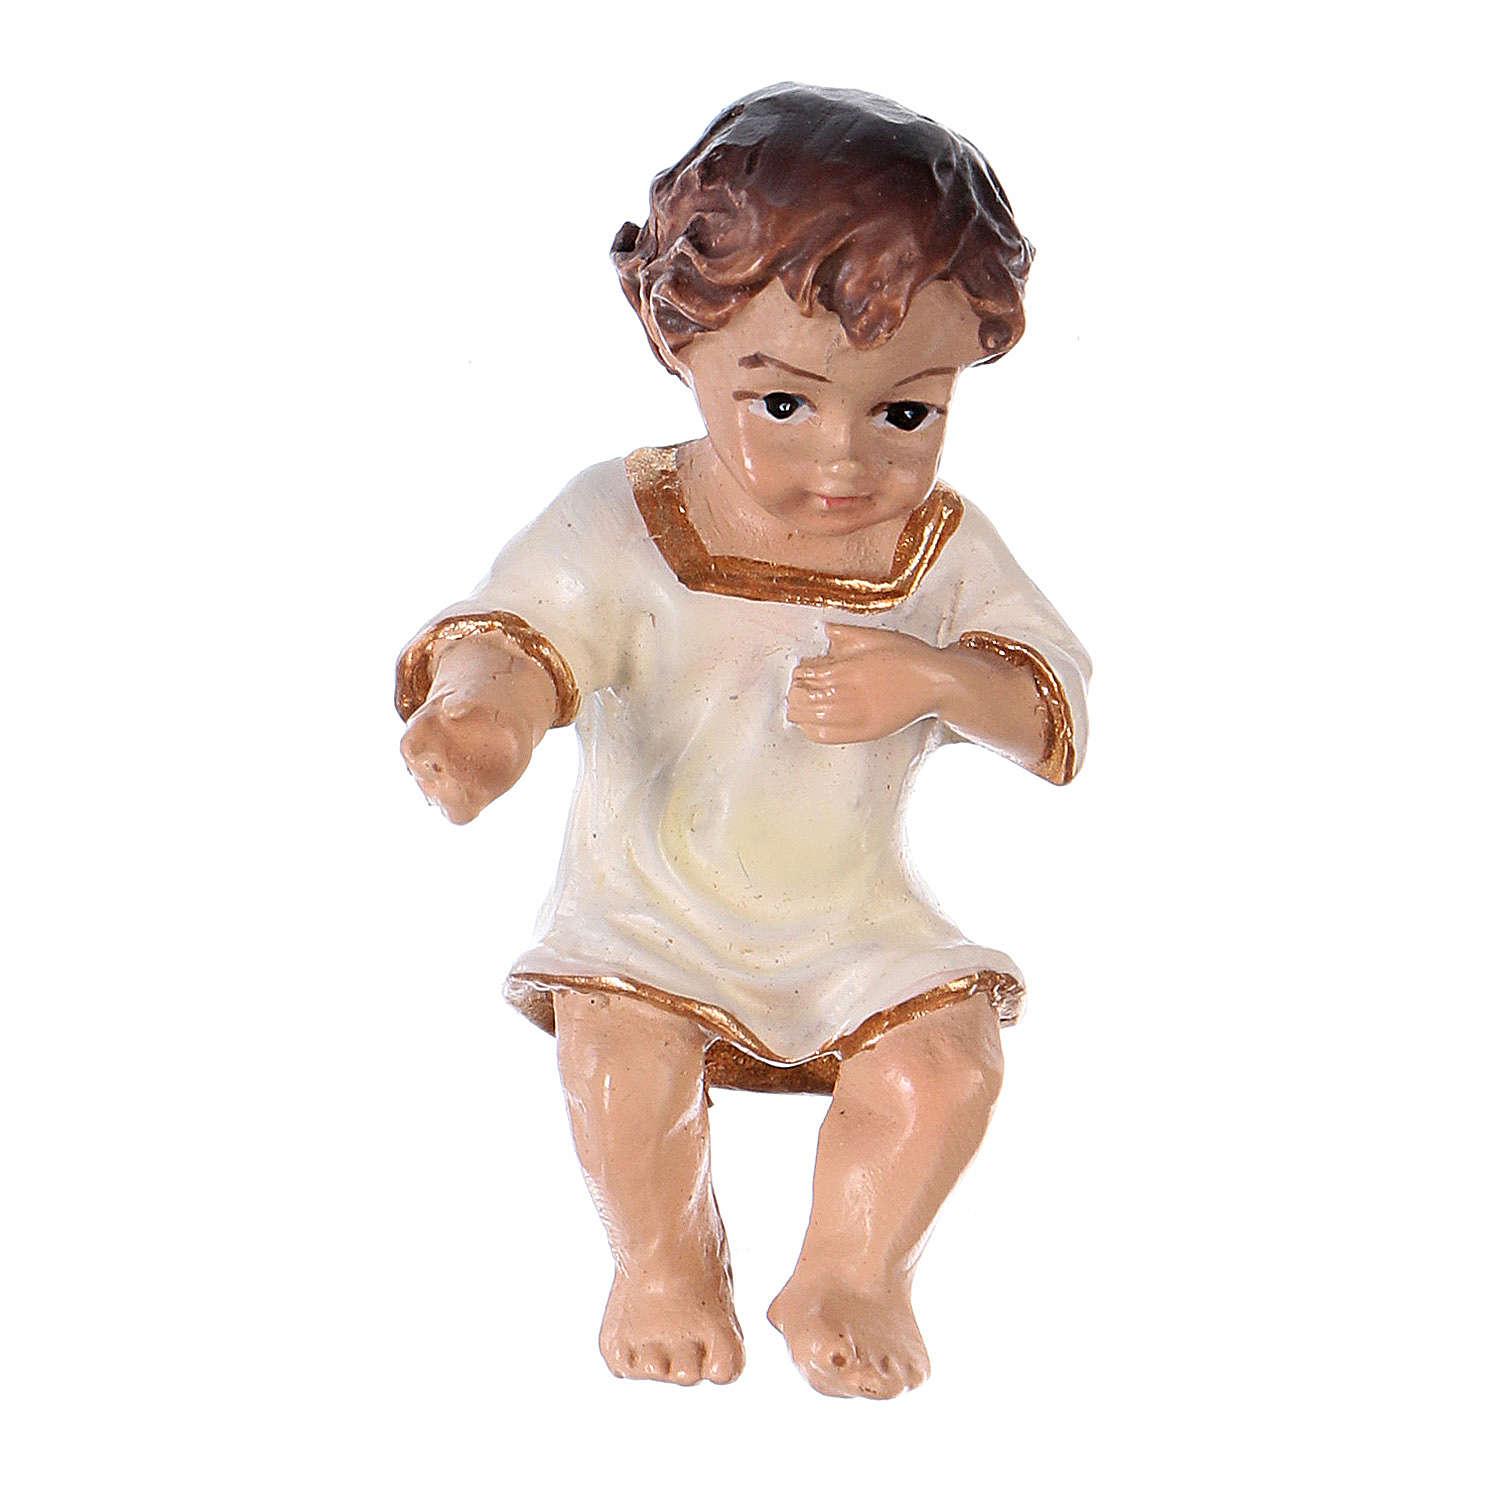 Statua bambinello in vesti bianche h reale 4,5 cm resina 3